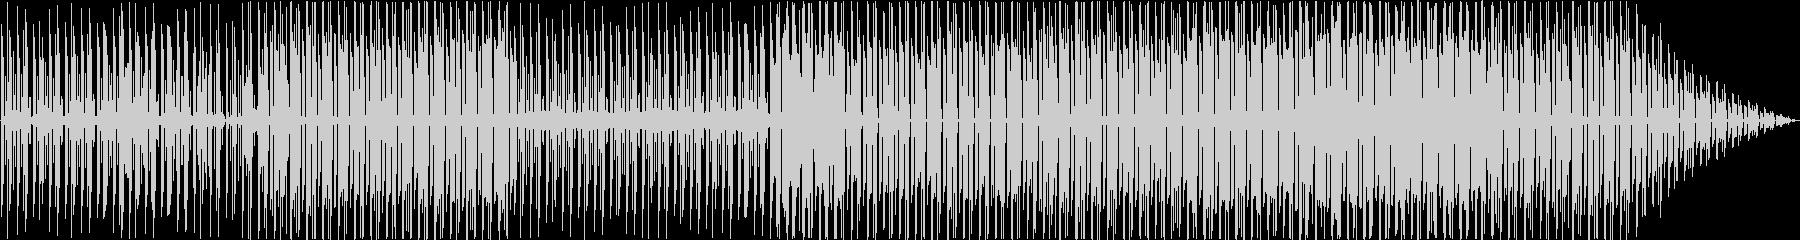 完全にインストゥルメンタルの未再生の波形